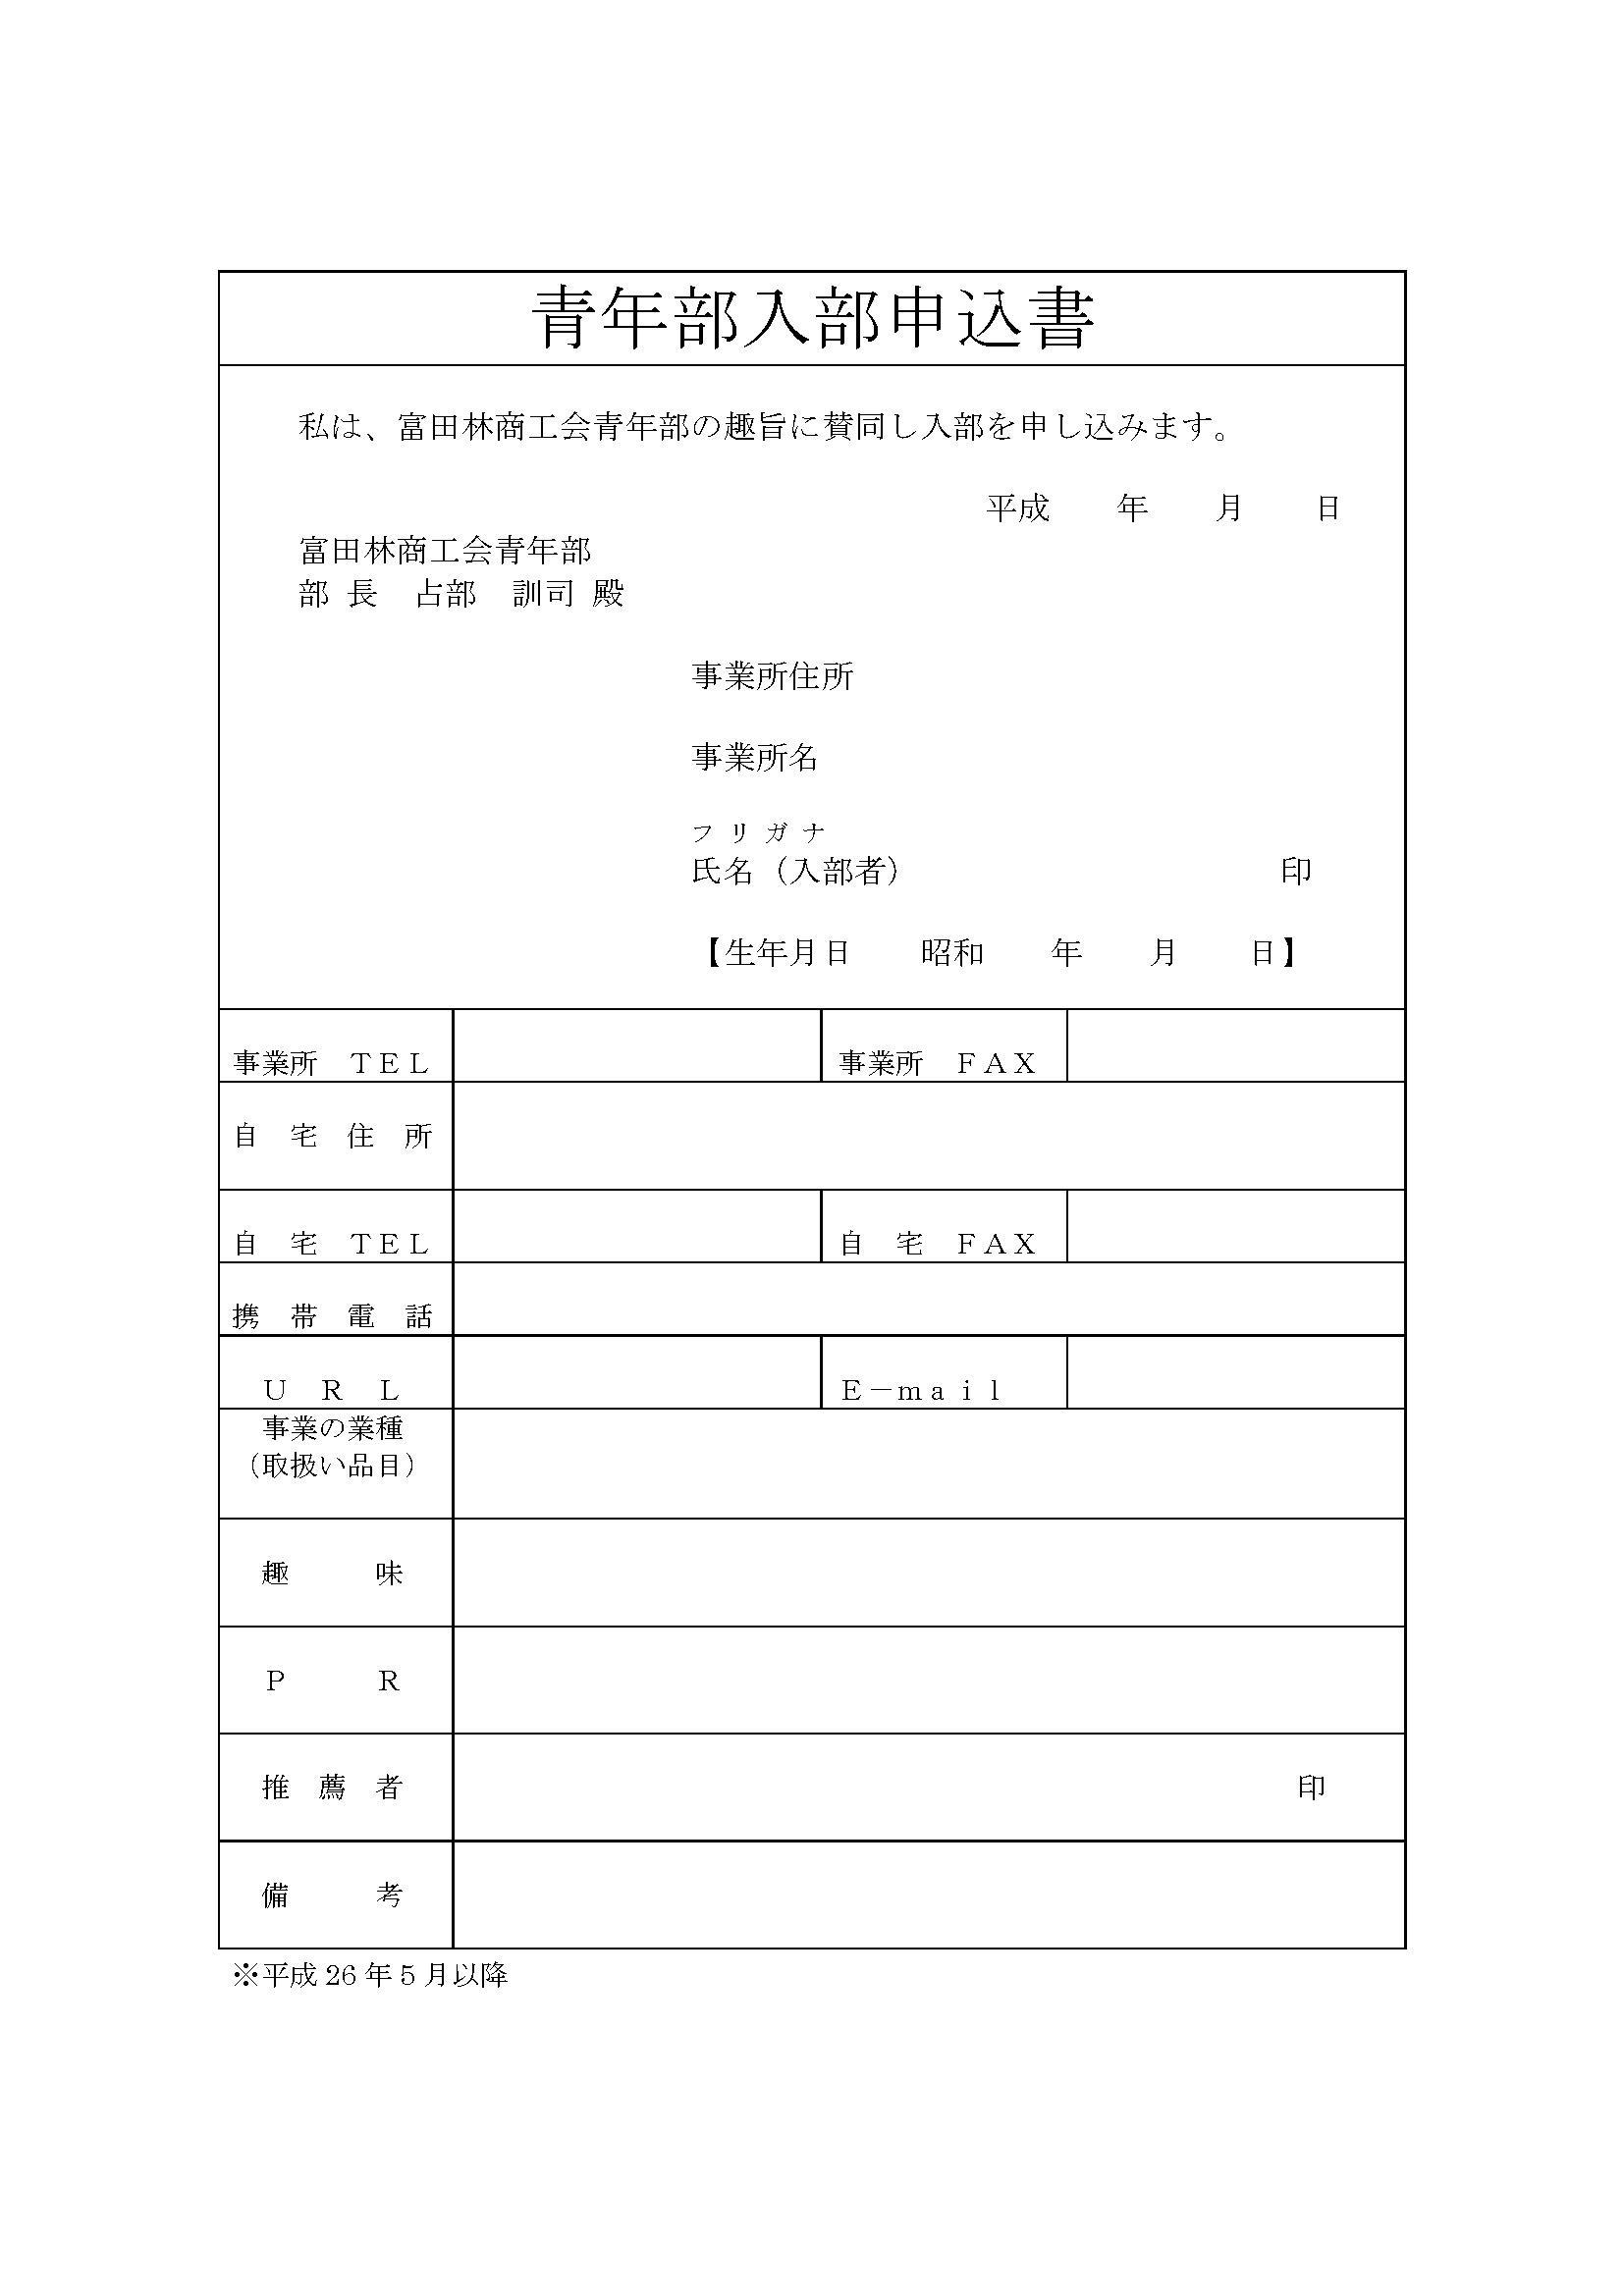 青年部入会申込書データのダウンロードはこちらから。